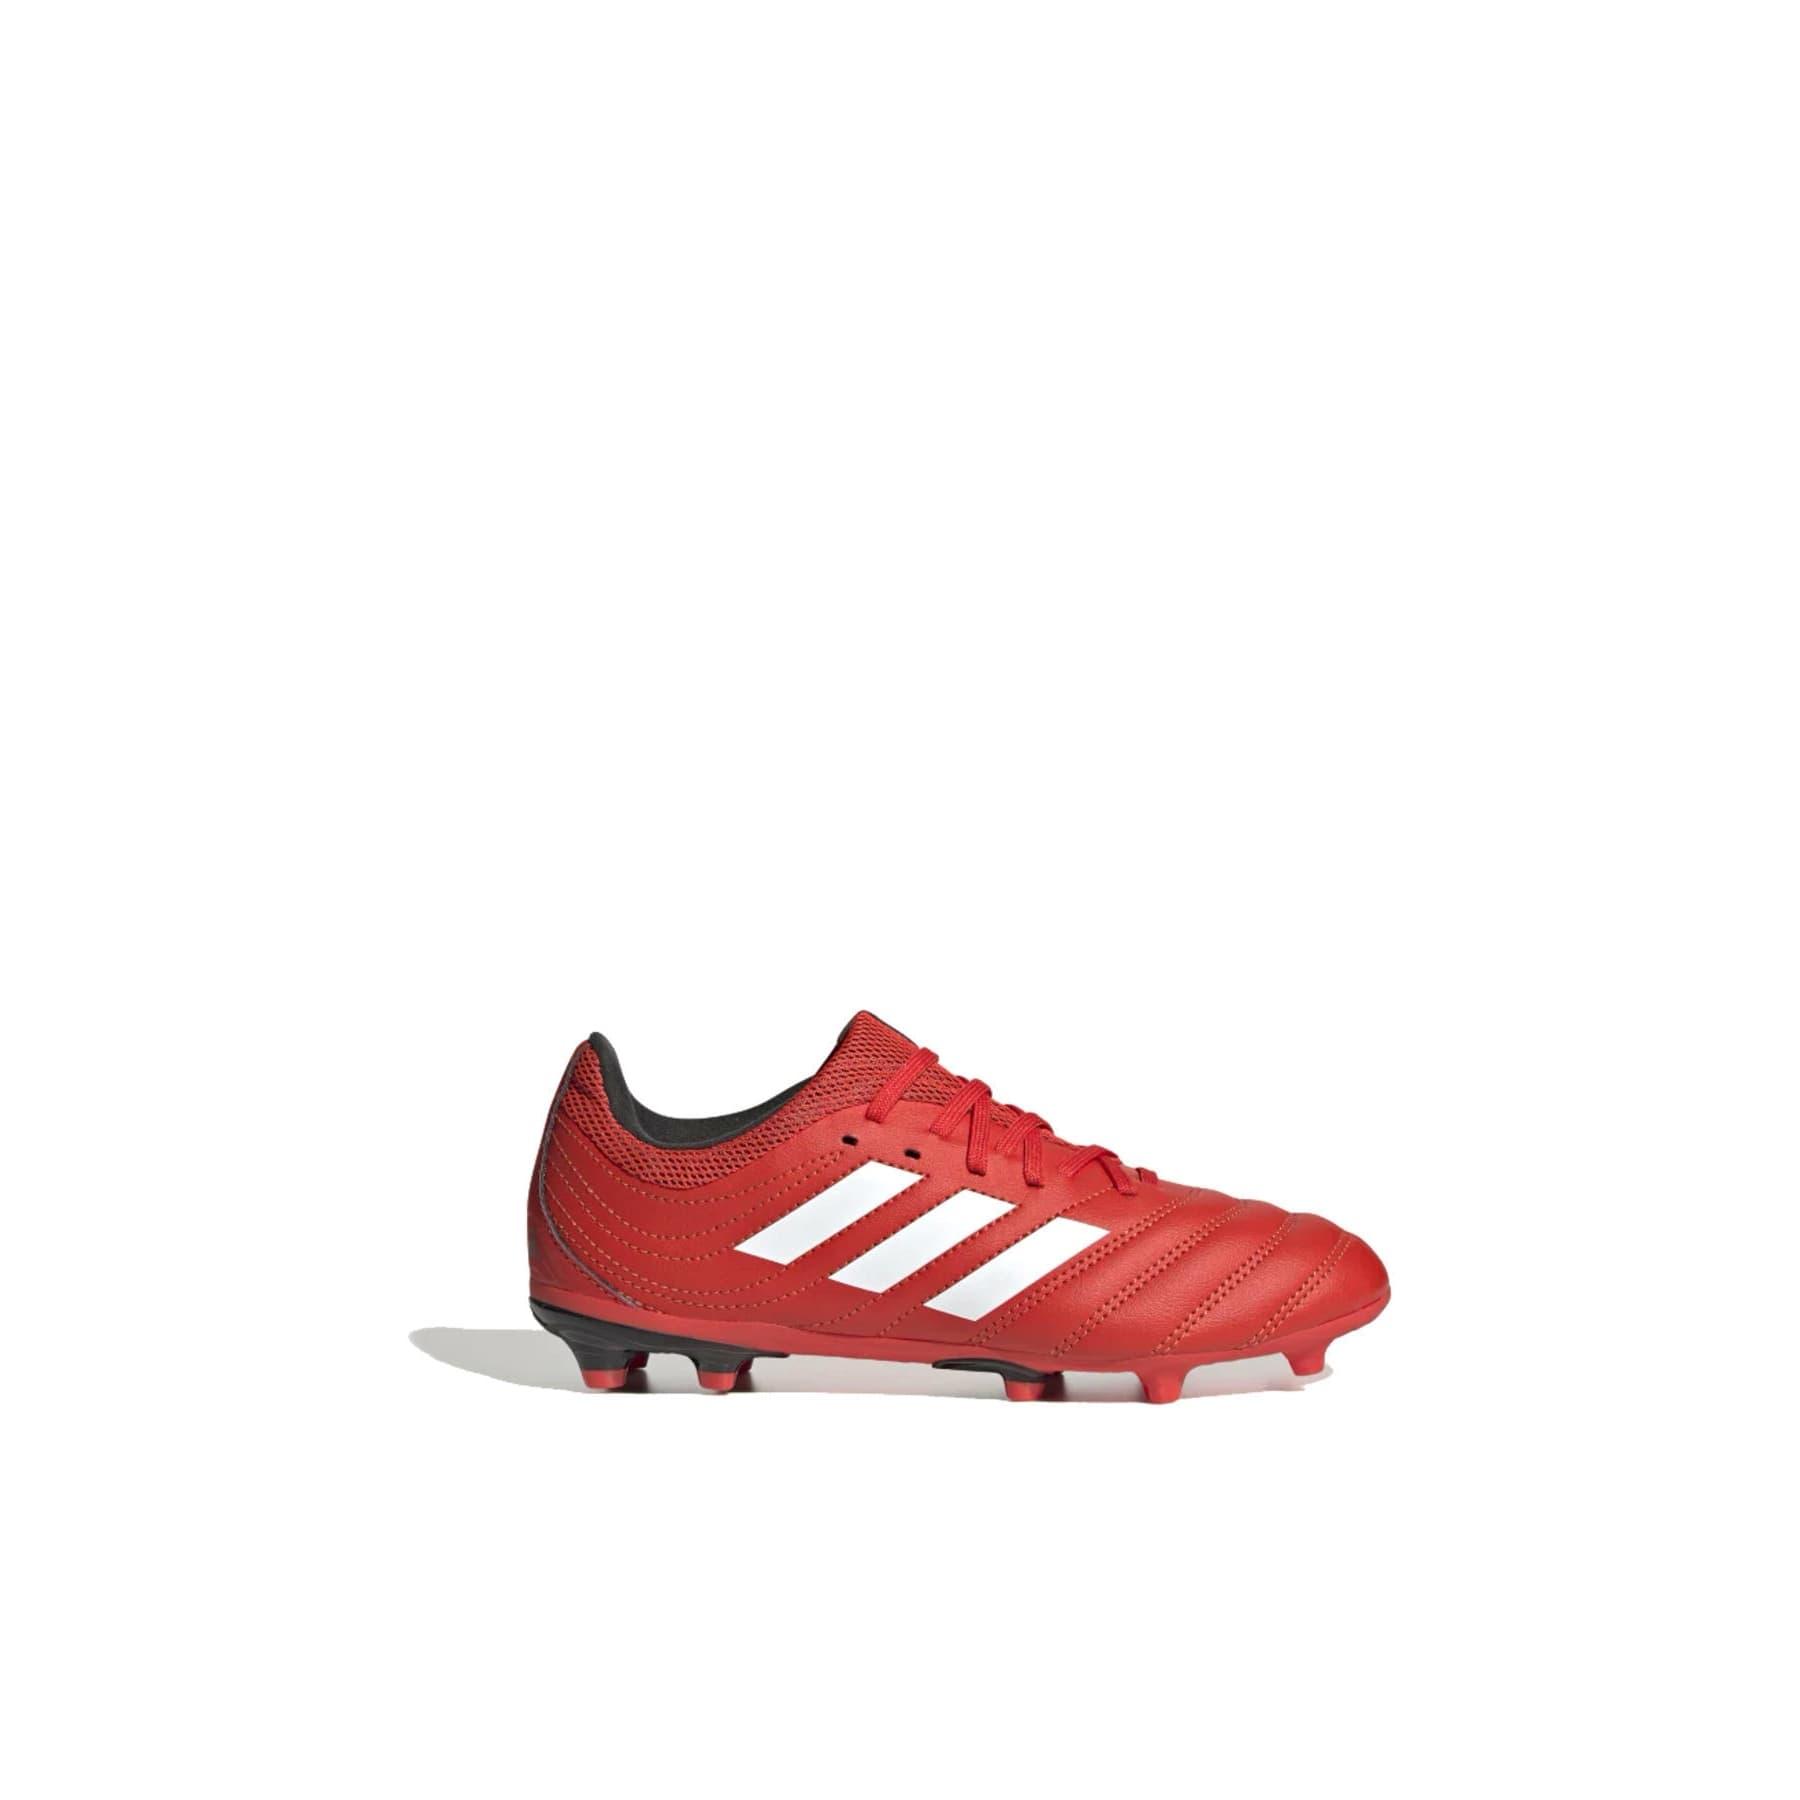 Copa 20.3 Kırmızı Çim Saha Ayakkabısı